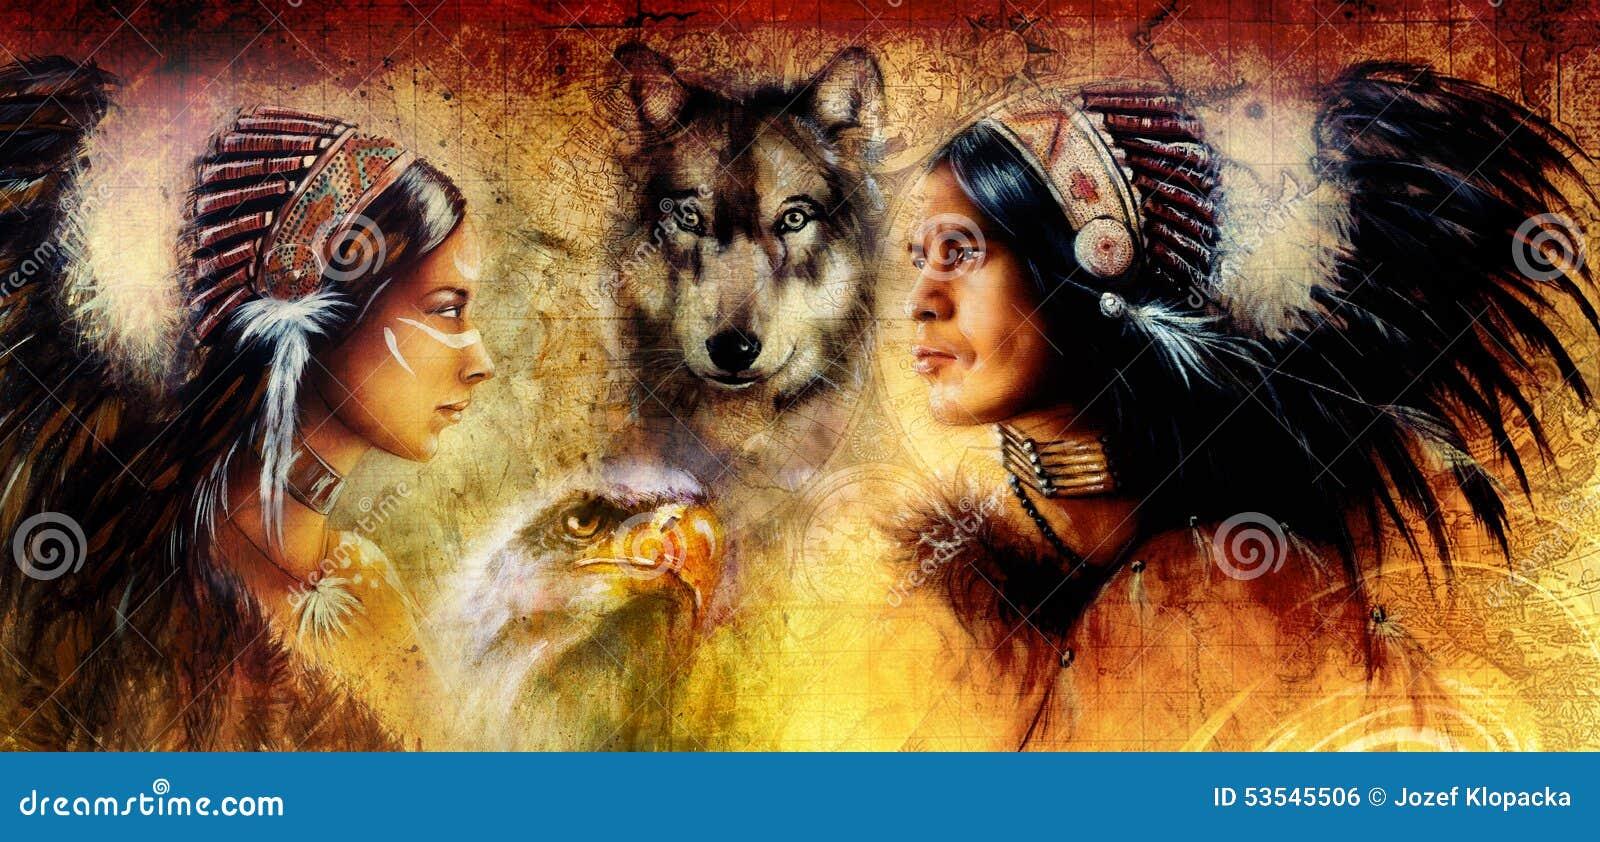 黄色片五太狼_一名年轻印地安男人和妇女的美丽的图画伴随于狼和老鹰在黄色装饰品